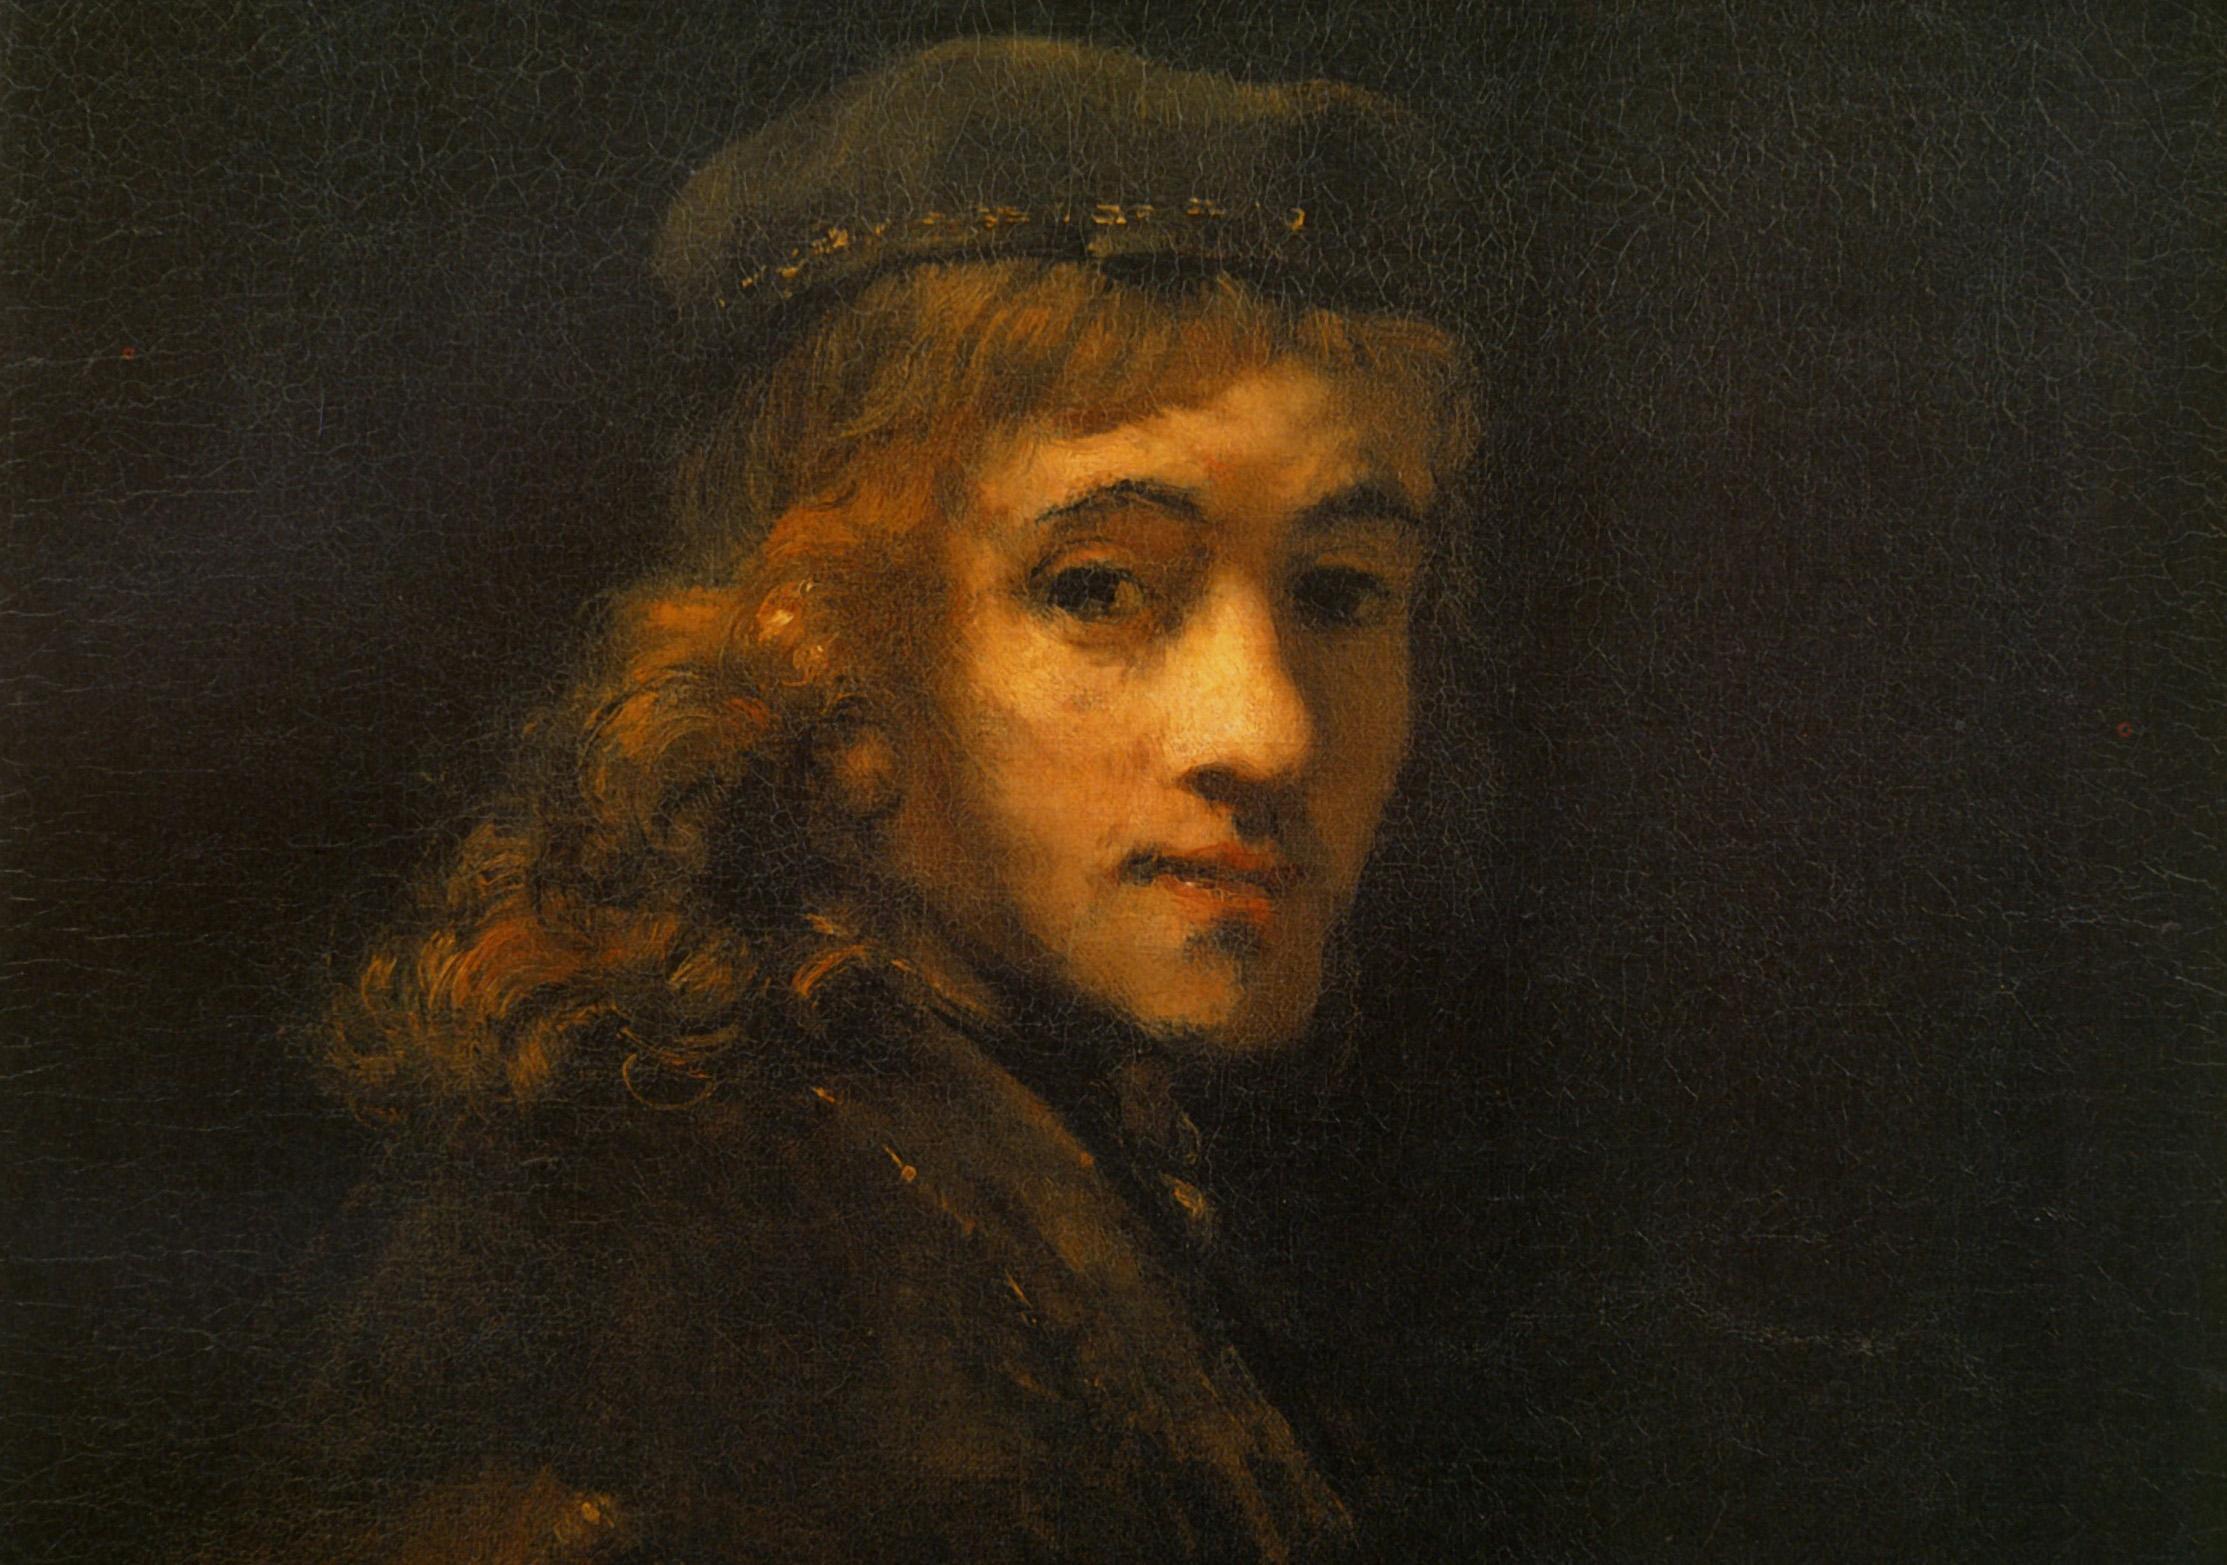 В Калужском музее изобразительных искусств представлена копия картины Рембрандта «Портрет сына Титуса ван Рейна»